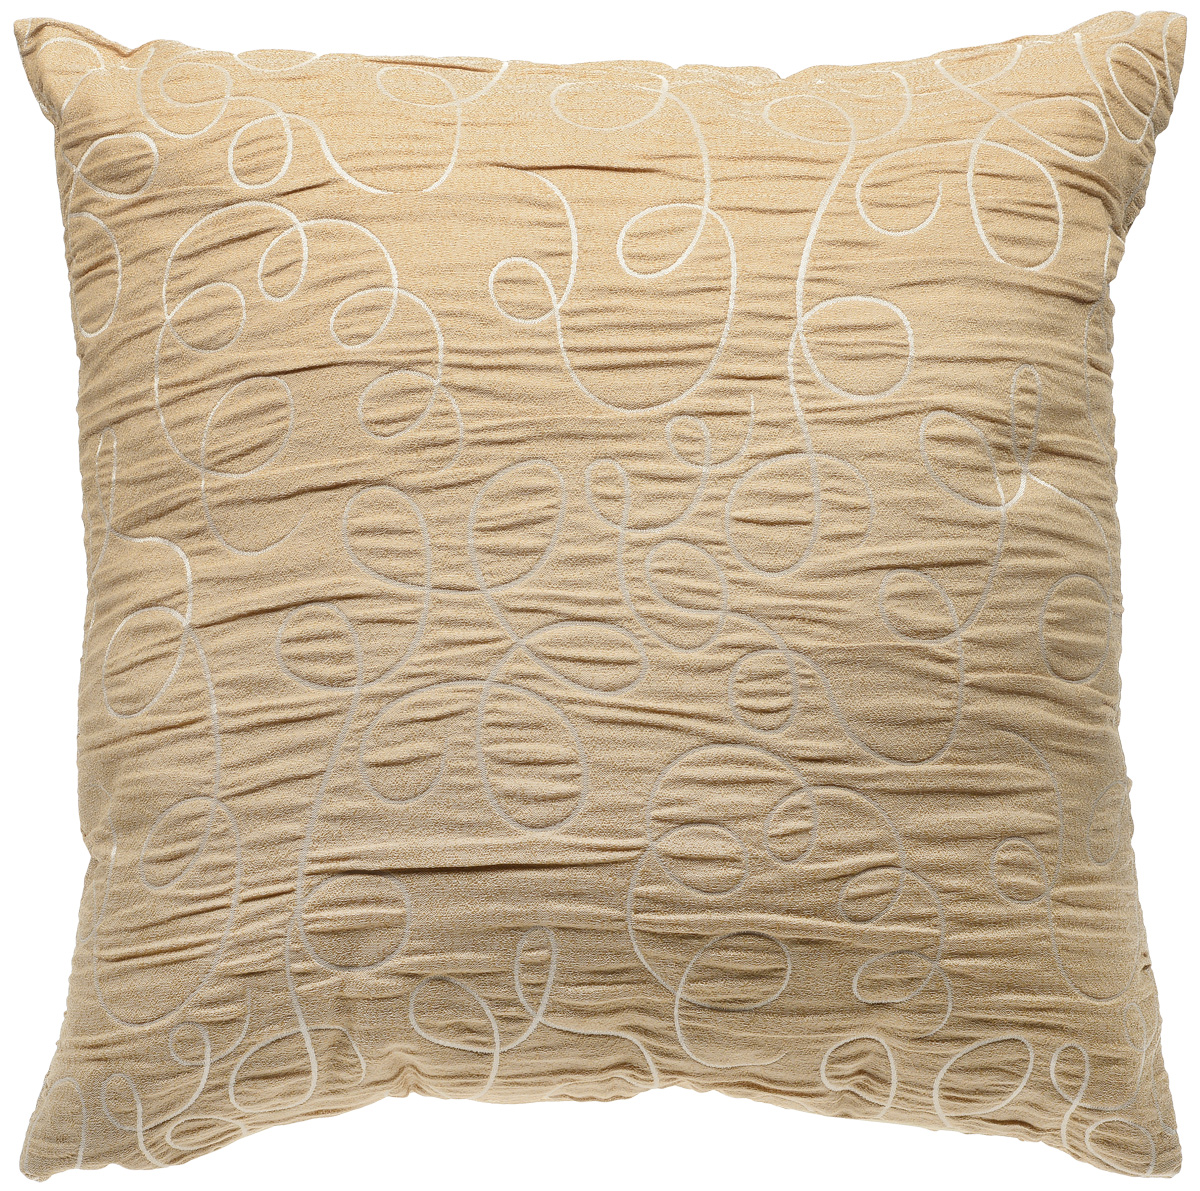 Подушка декоративная KauffOrt Минор, цвет: золотисто-бежевый, 40 x 40 см1004900000360Декоративная подушка KauffOrt Минор прекрасно дополнит интерьер спальни или гостиной. Мягкий на ощупь чехол подушки выполнен из 100% полиэстера. Внутри находится мягкий наполнитель, выполненный из холлофайбера. Чехол легко снимается благодаря молнии.Красивая подушка создаст атмосферу уюта и комфорта в спальне и станет прекрасным элементом декора.